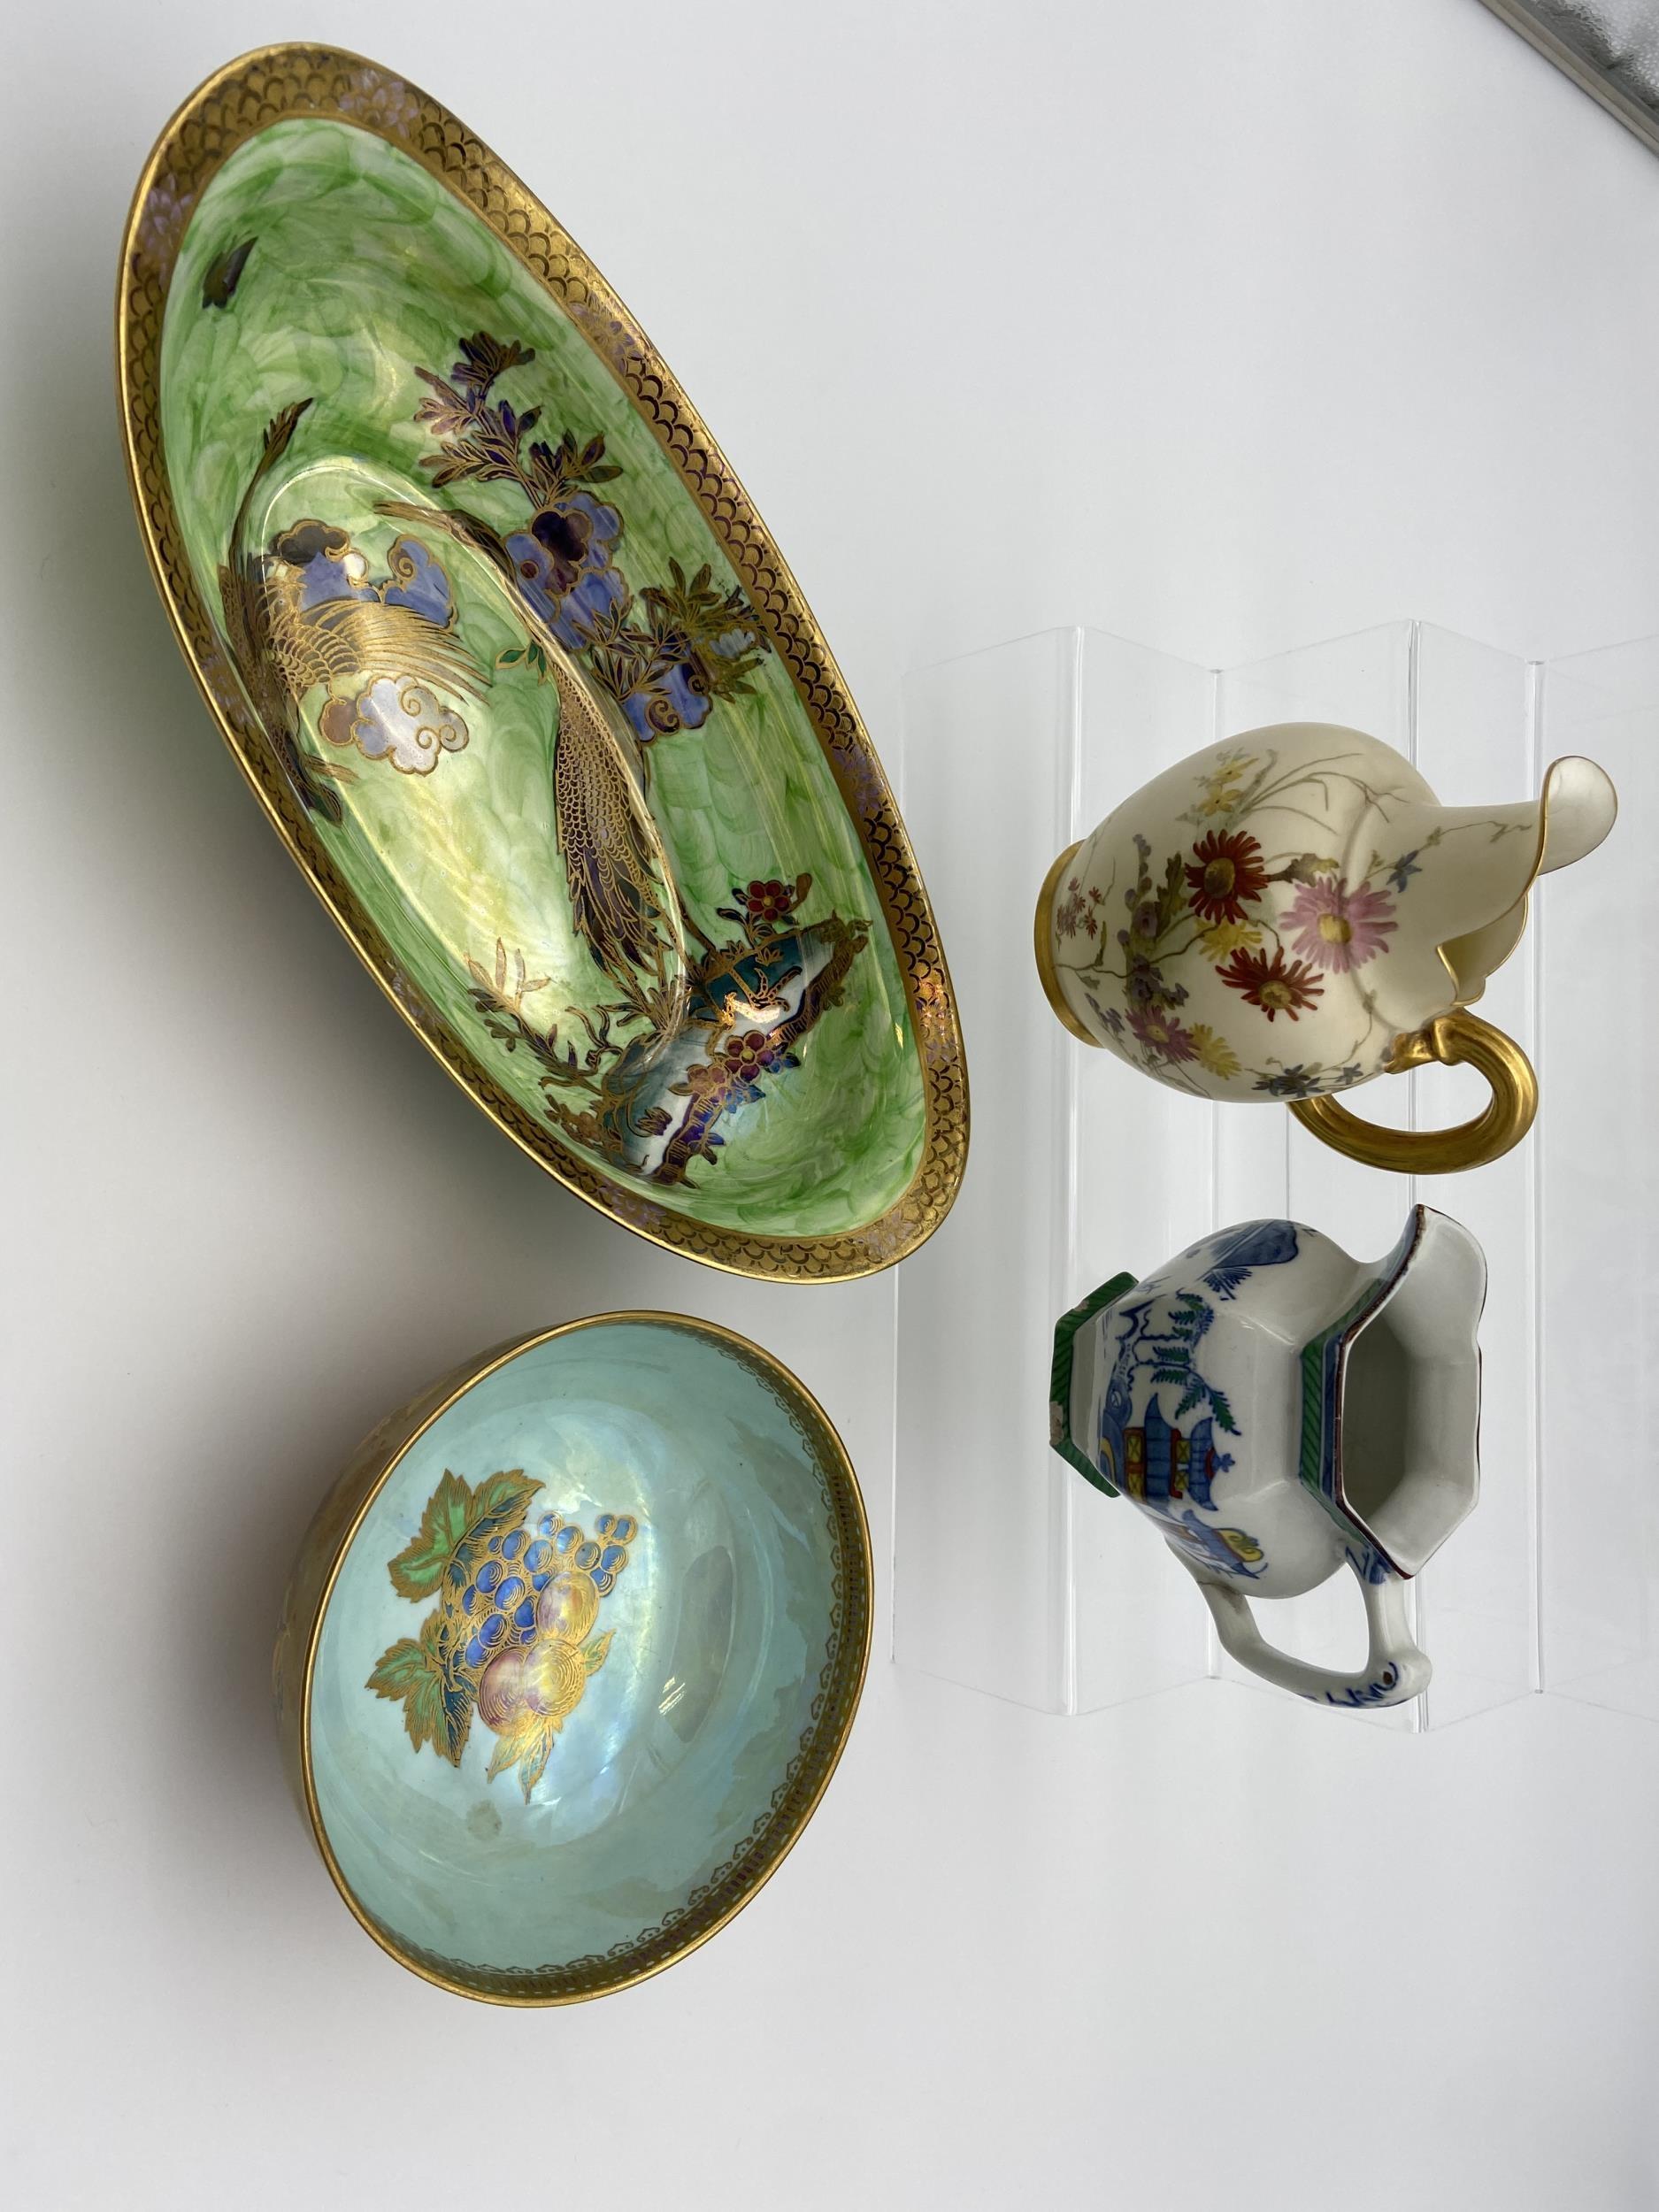 Maling crane design bowl, Wedgwood lustre fruit pattern bowl, Royal Worcester water jug [as found] &